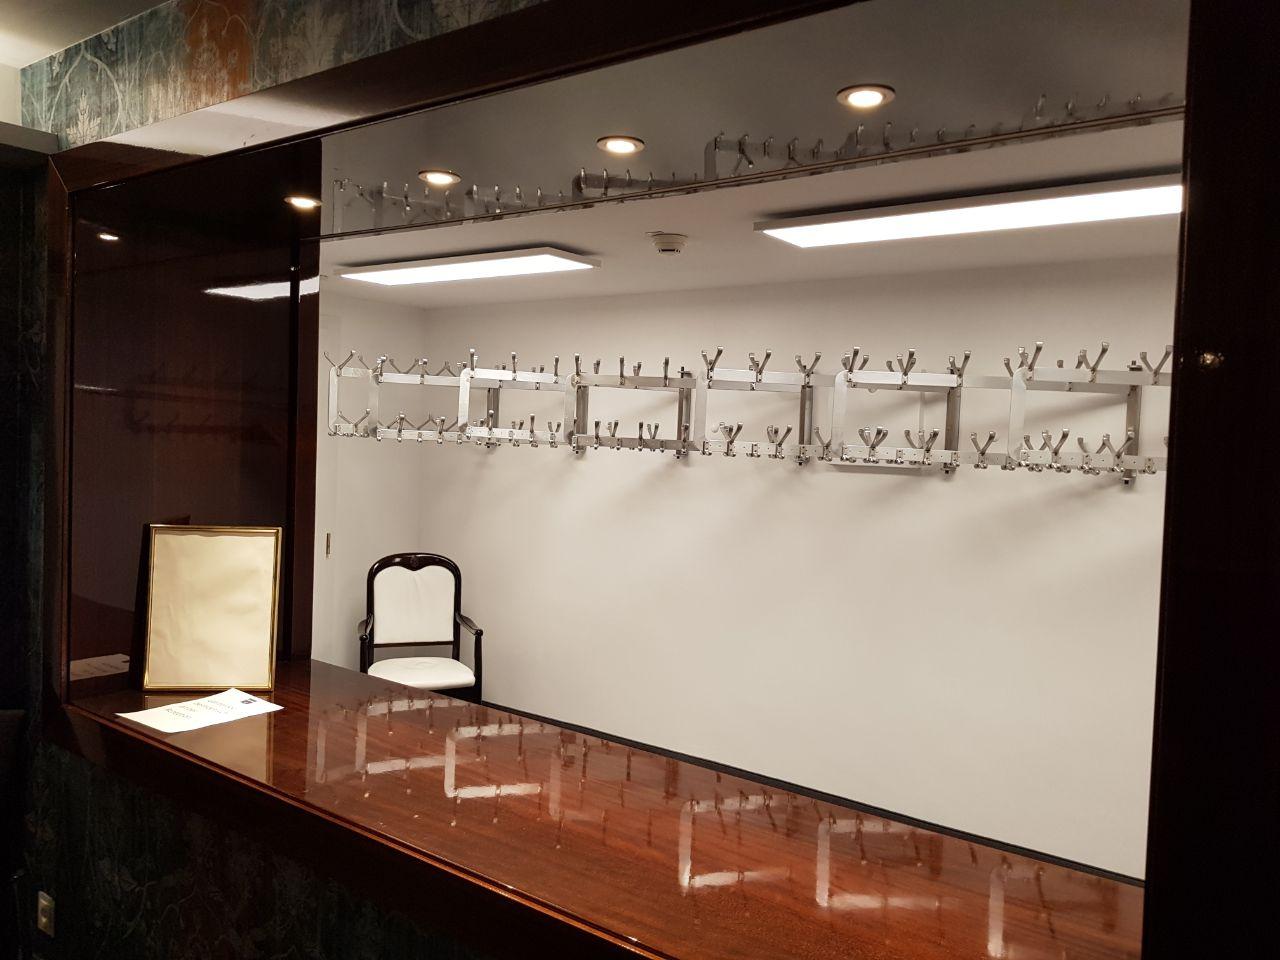 renovierungsarbeiten im parkhotel bremen oelkers. Black Bedroom Furniture Sets. Home Design Ideas